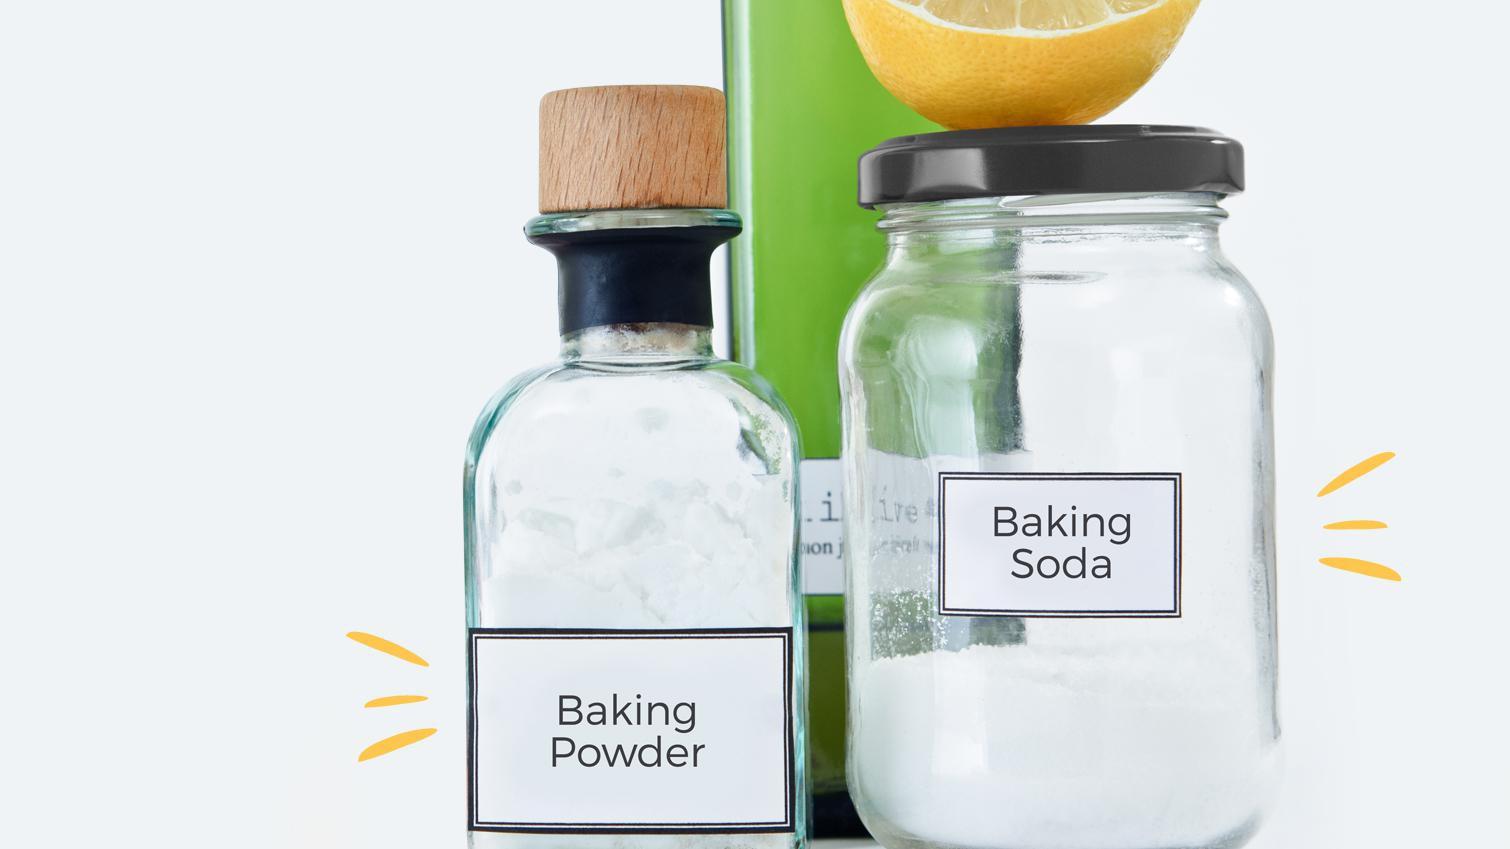 Ini 4 Perbedaan Baking Powder Dan Baking Soda Berbagi Tips